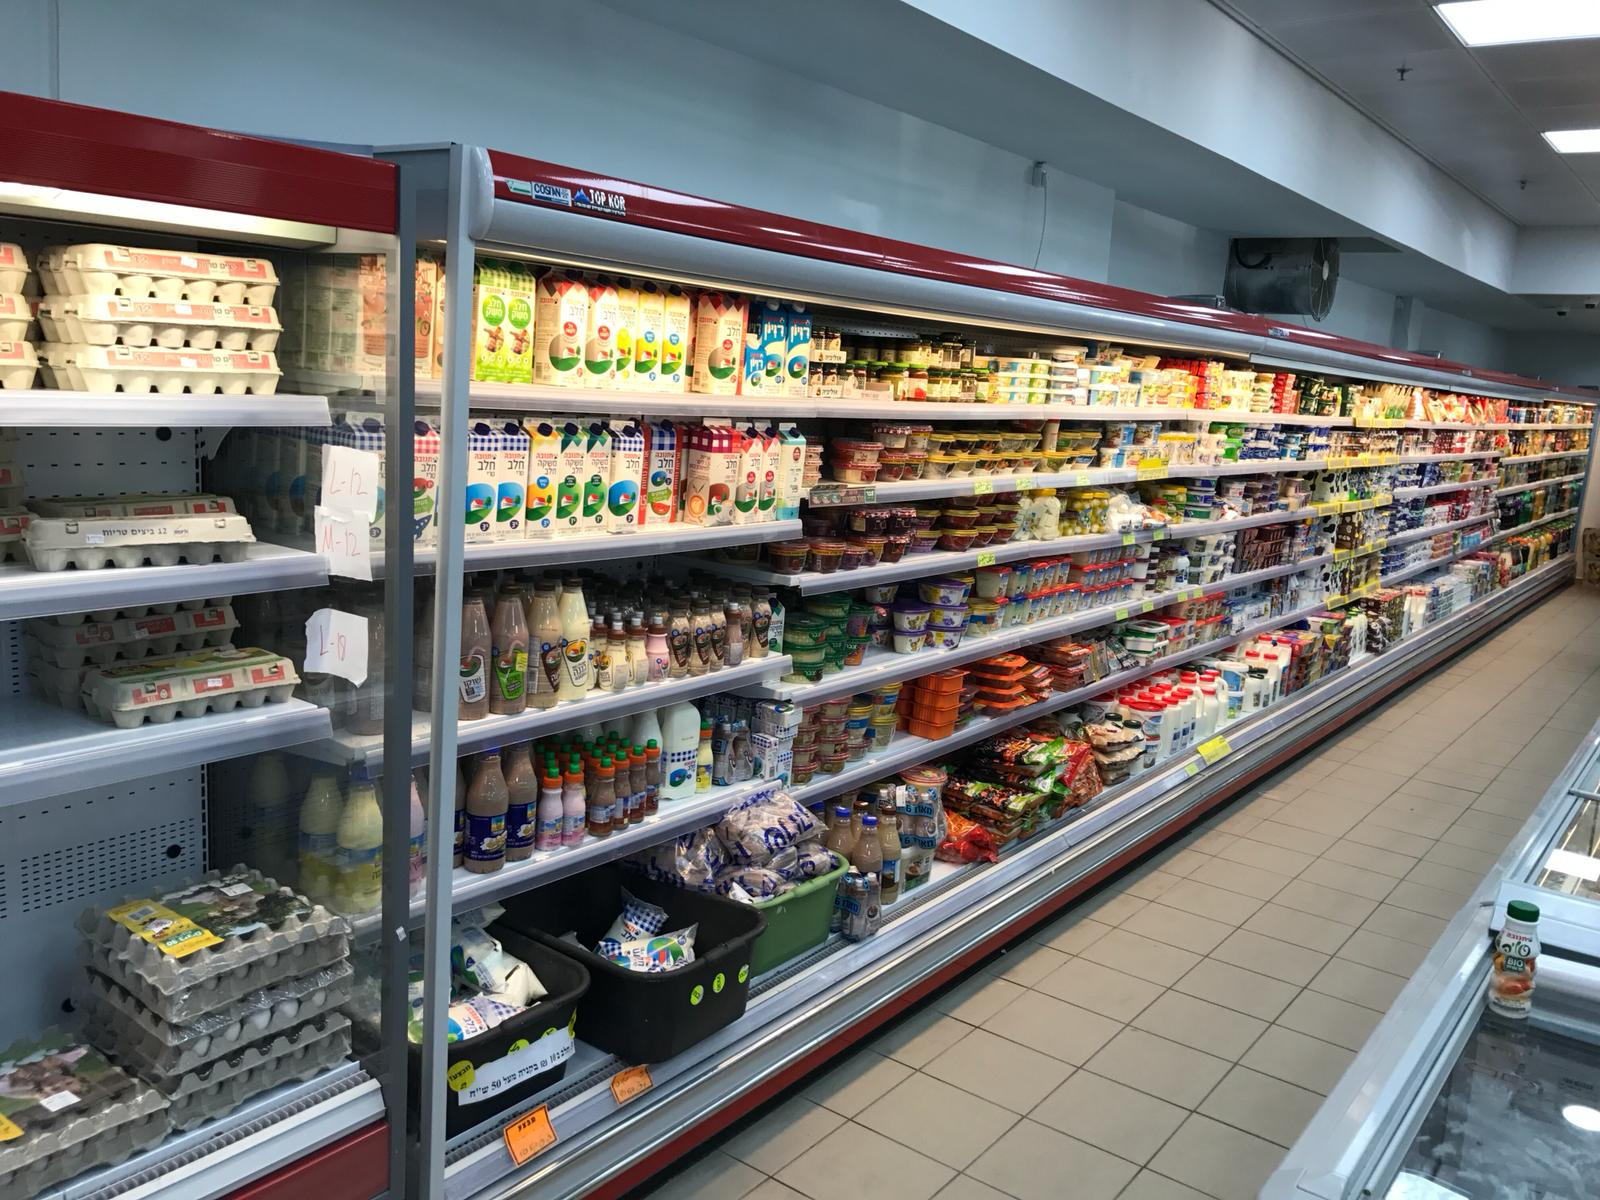 פרויקט מרכז המזון אלואחה (6)